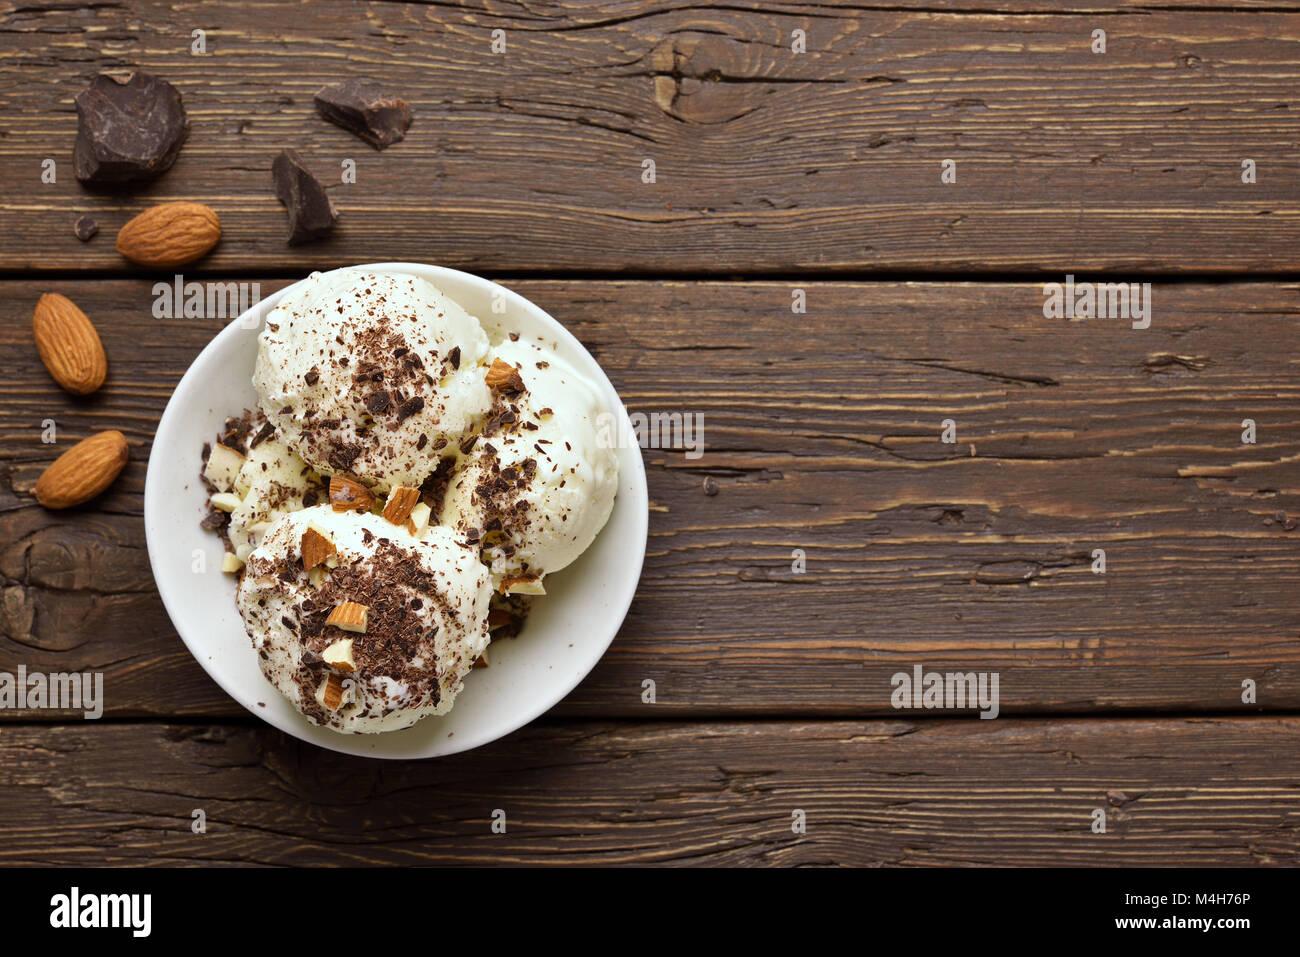 De savoureux de crème glacée au chocolat avec des noix dans un bol sur fond de bois avec l'exemplaire Photo Stock